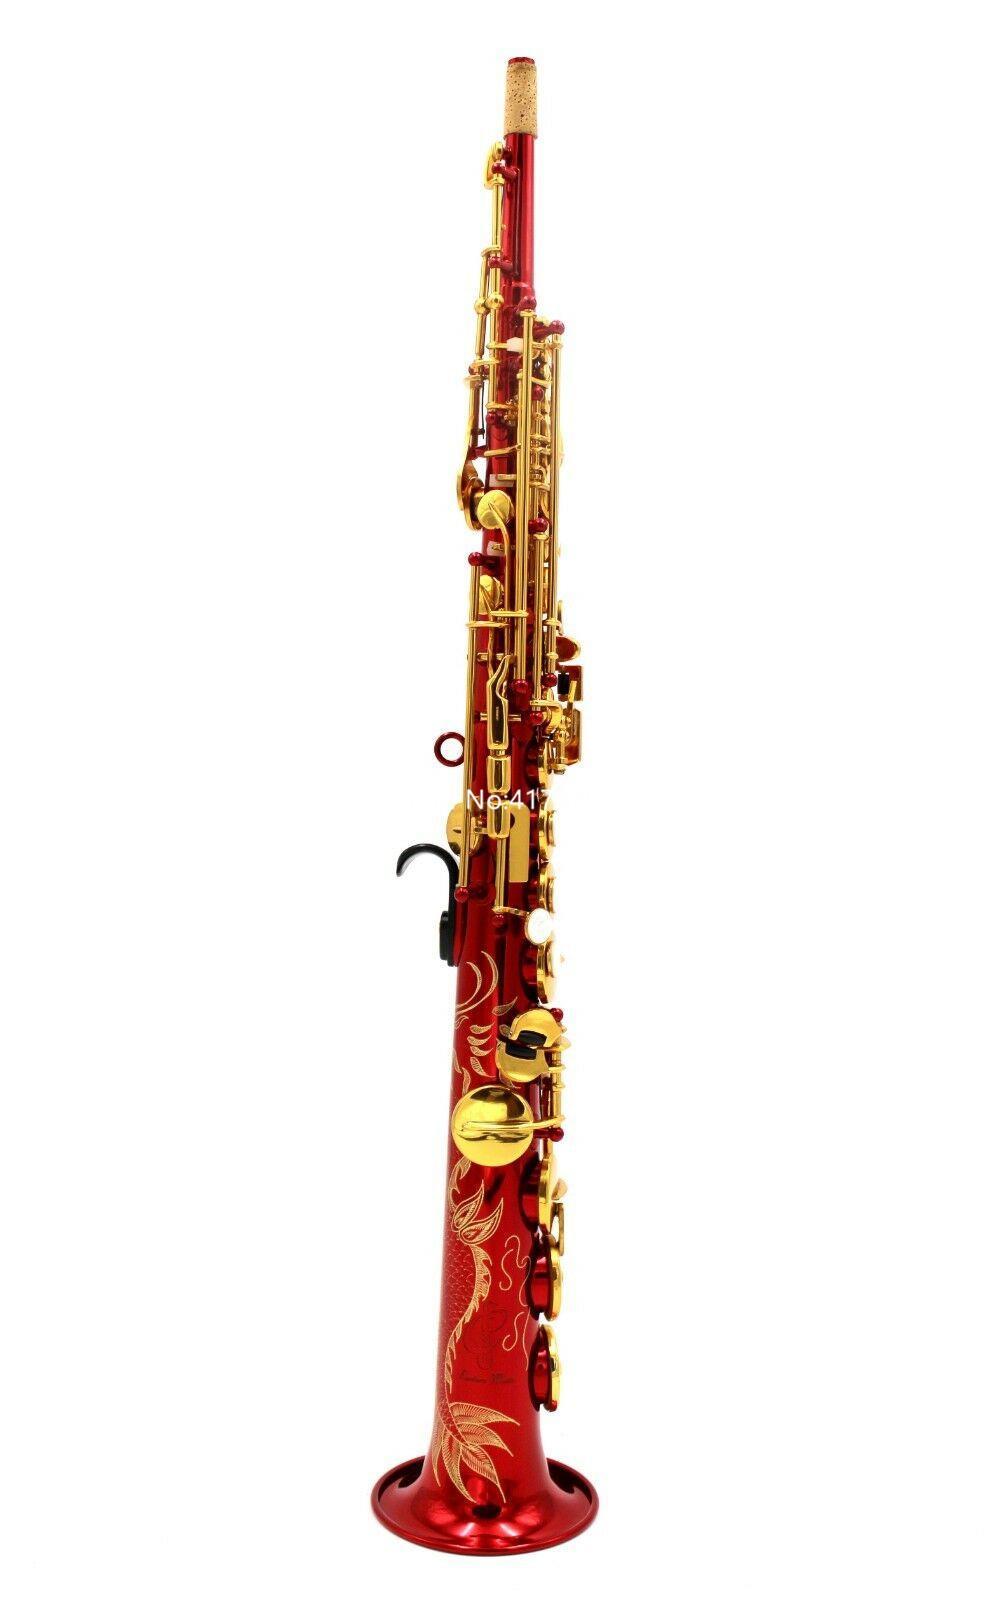 Heiße verkaufende Sopransaxophon B Flat rot lackiert Hals in Art gerade Musikinstrument Fachmann mit Zubehör gebaut